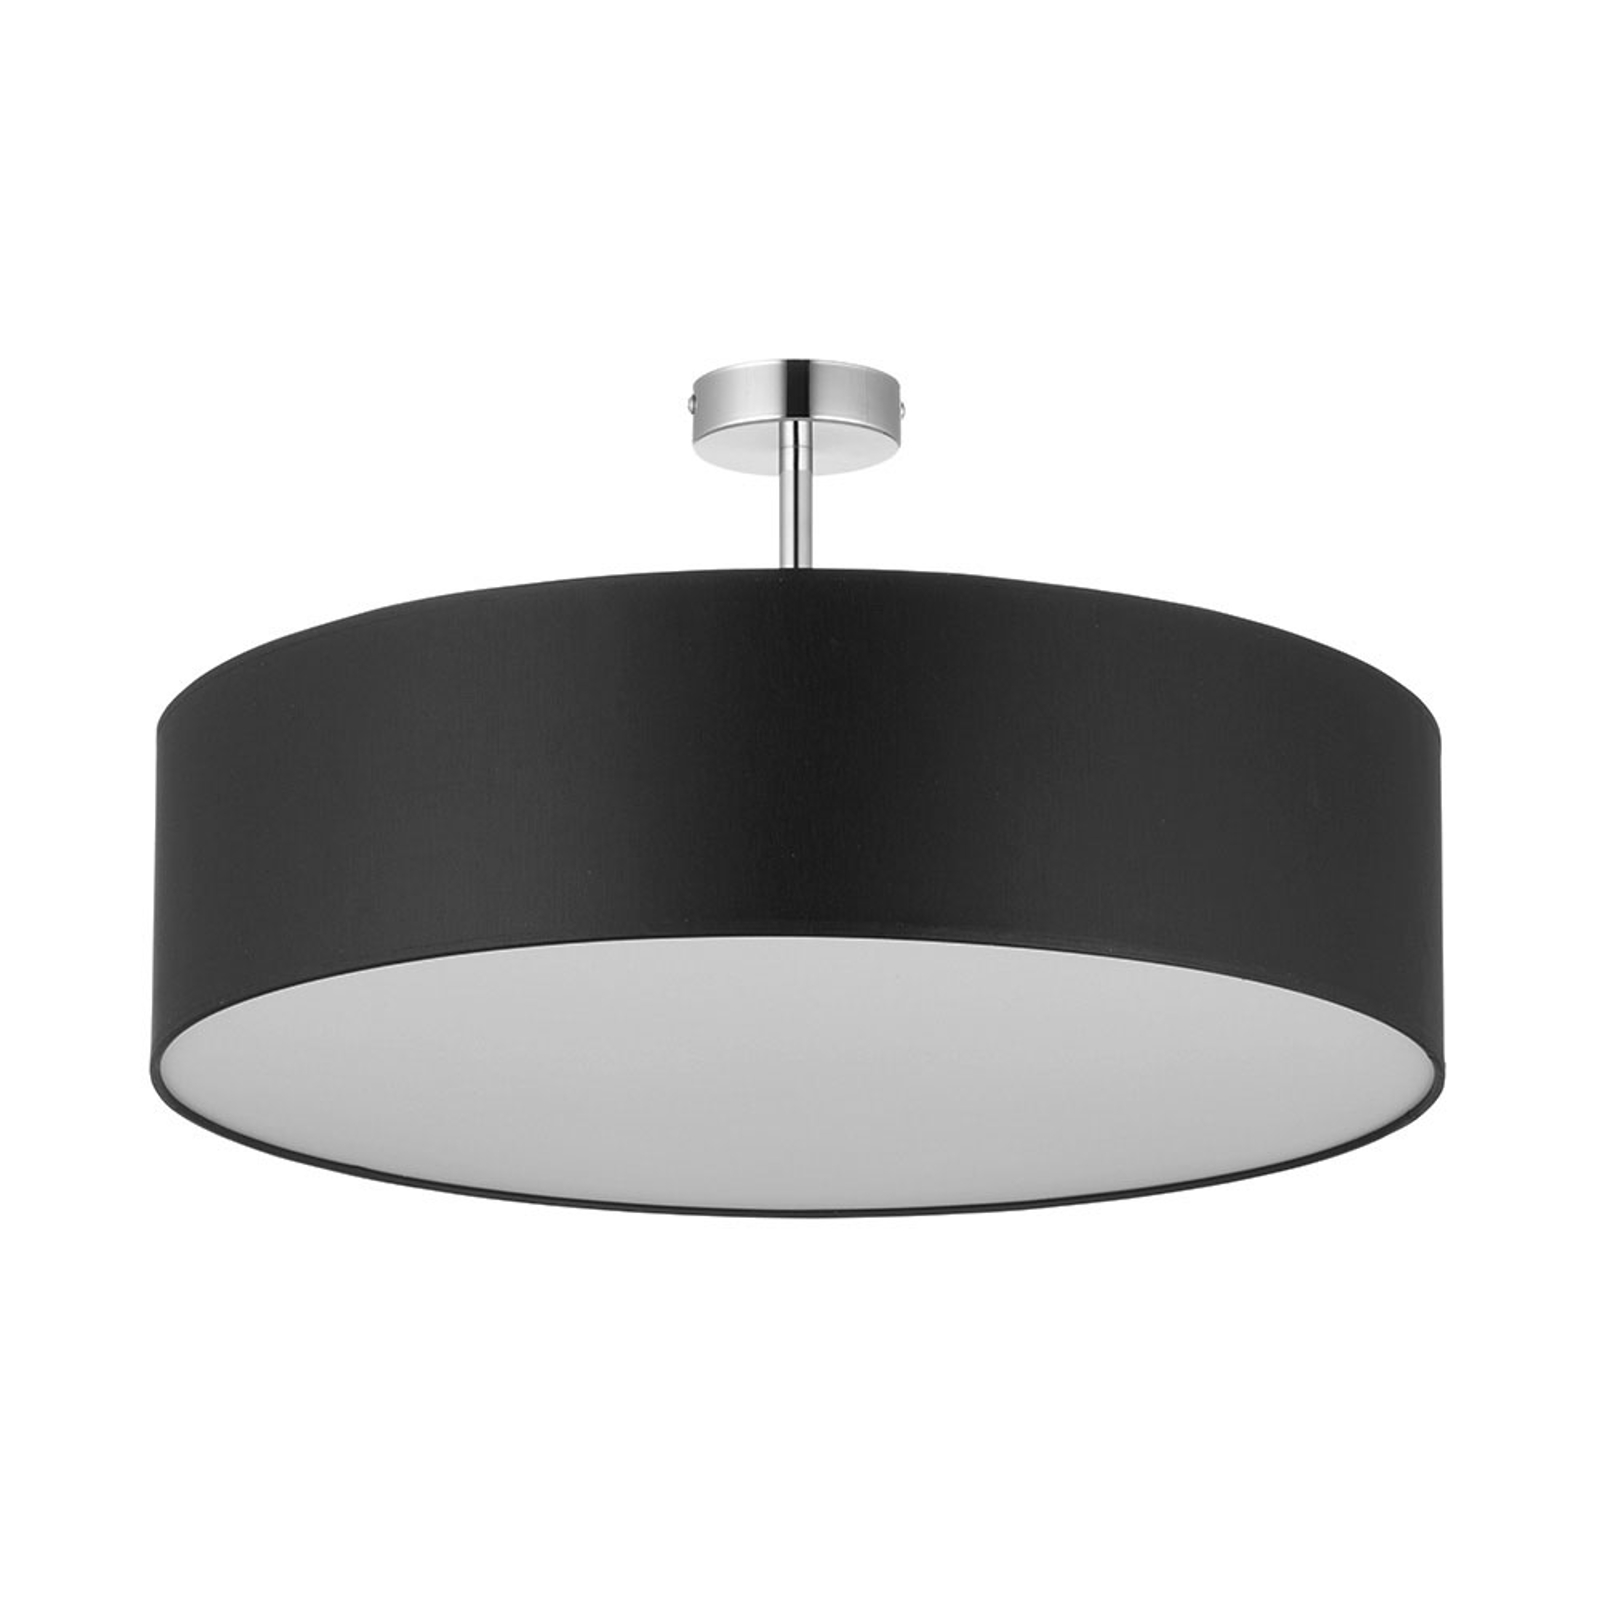 Rondo taklampe med avstand, mørkegrå Ø 60 cm